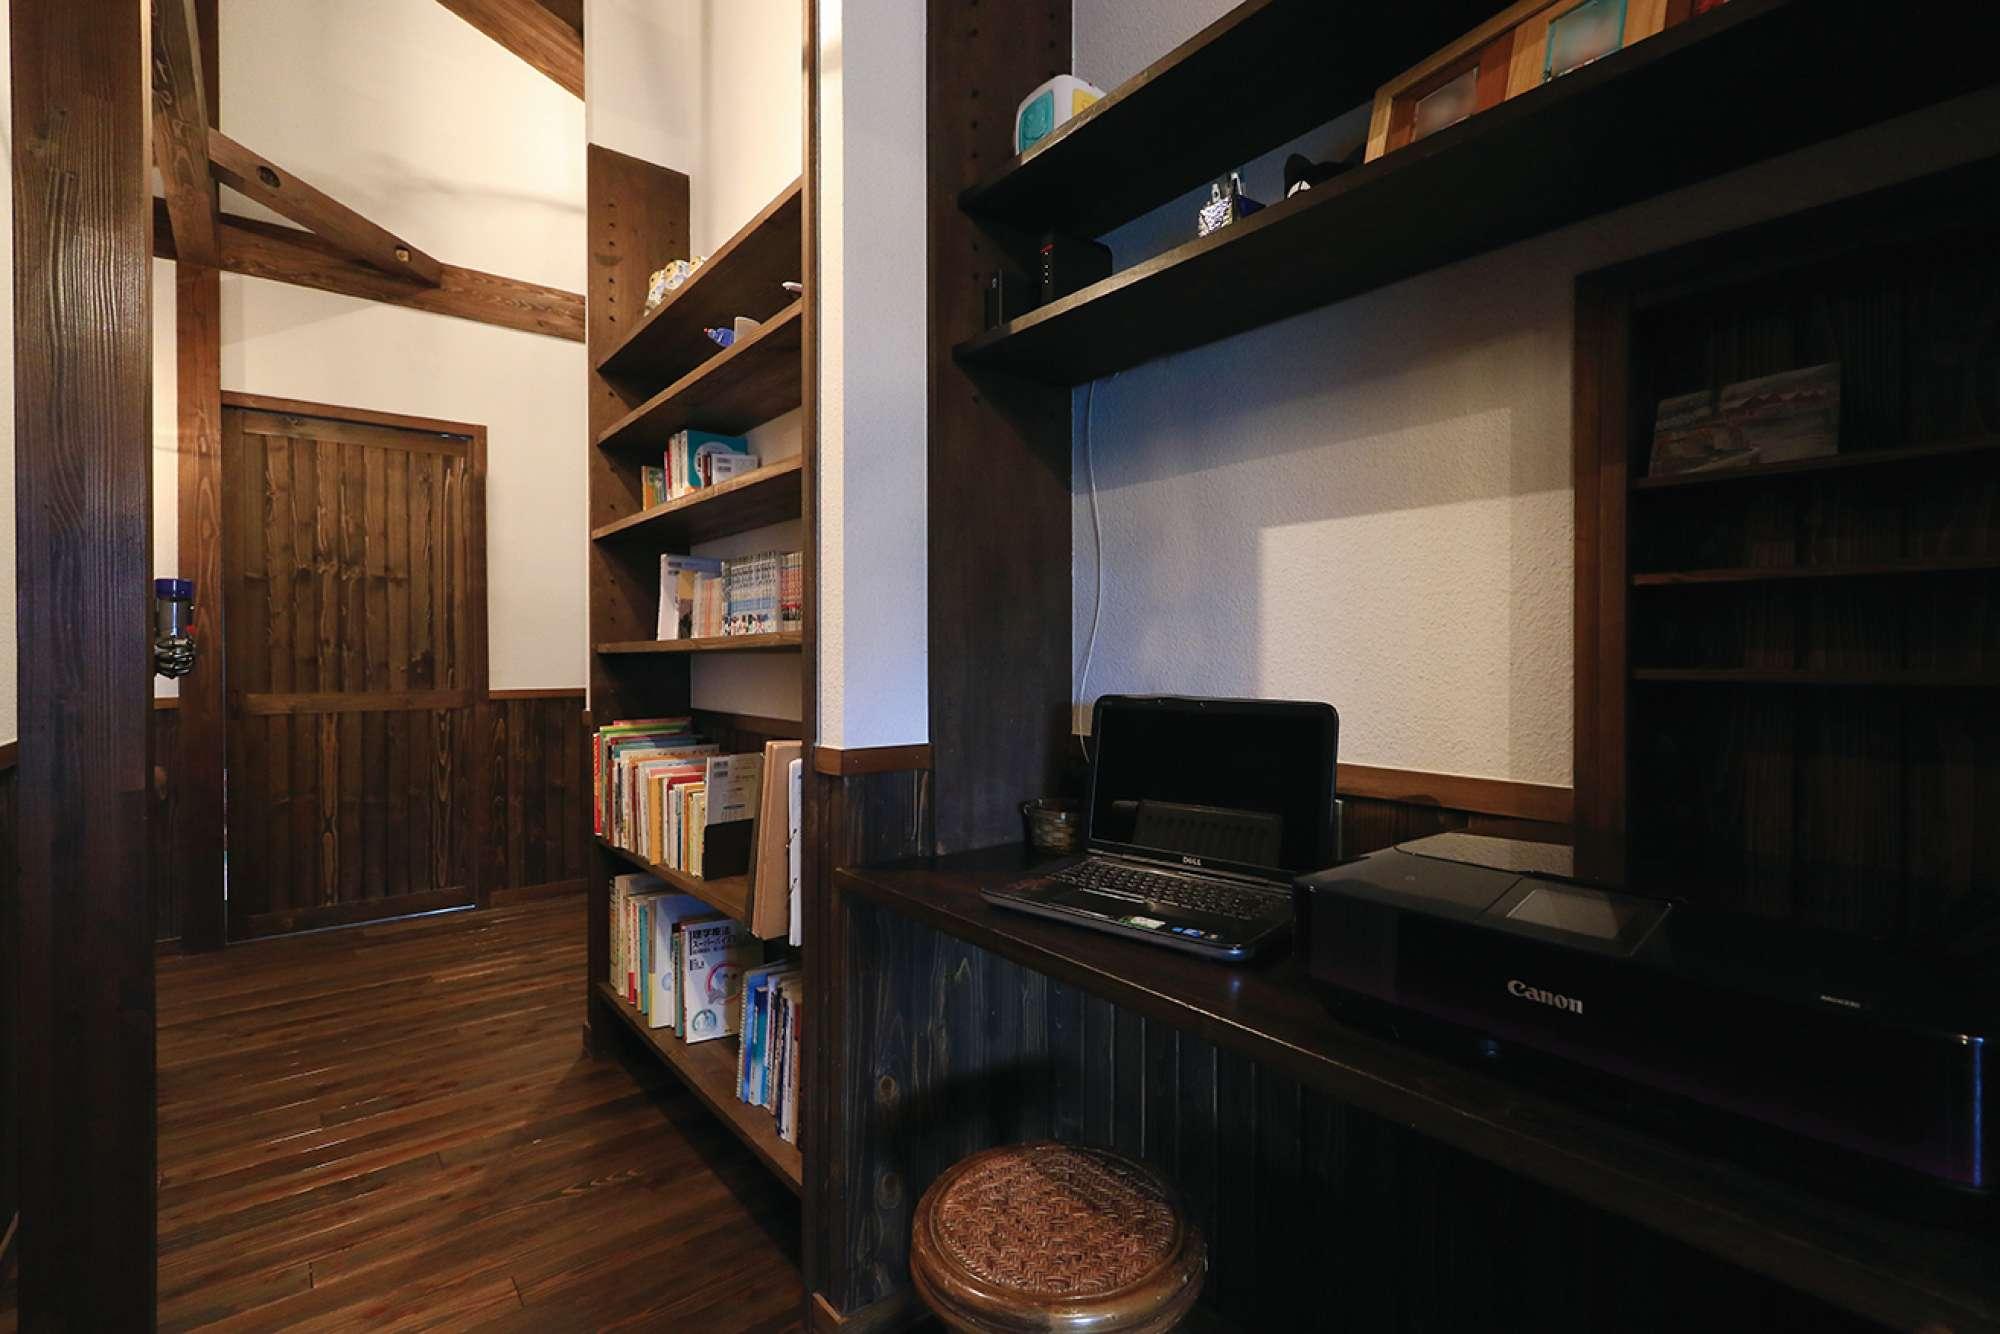 ホールに、造作のPCカウンターと本棚を連続配置 -  -  -